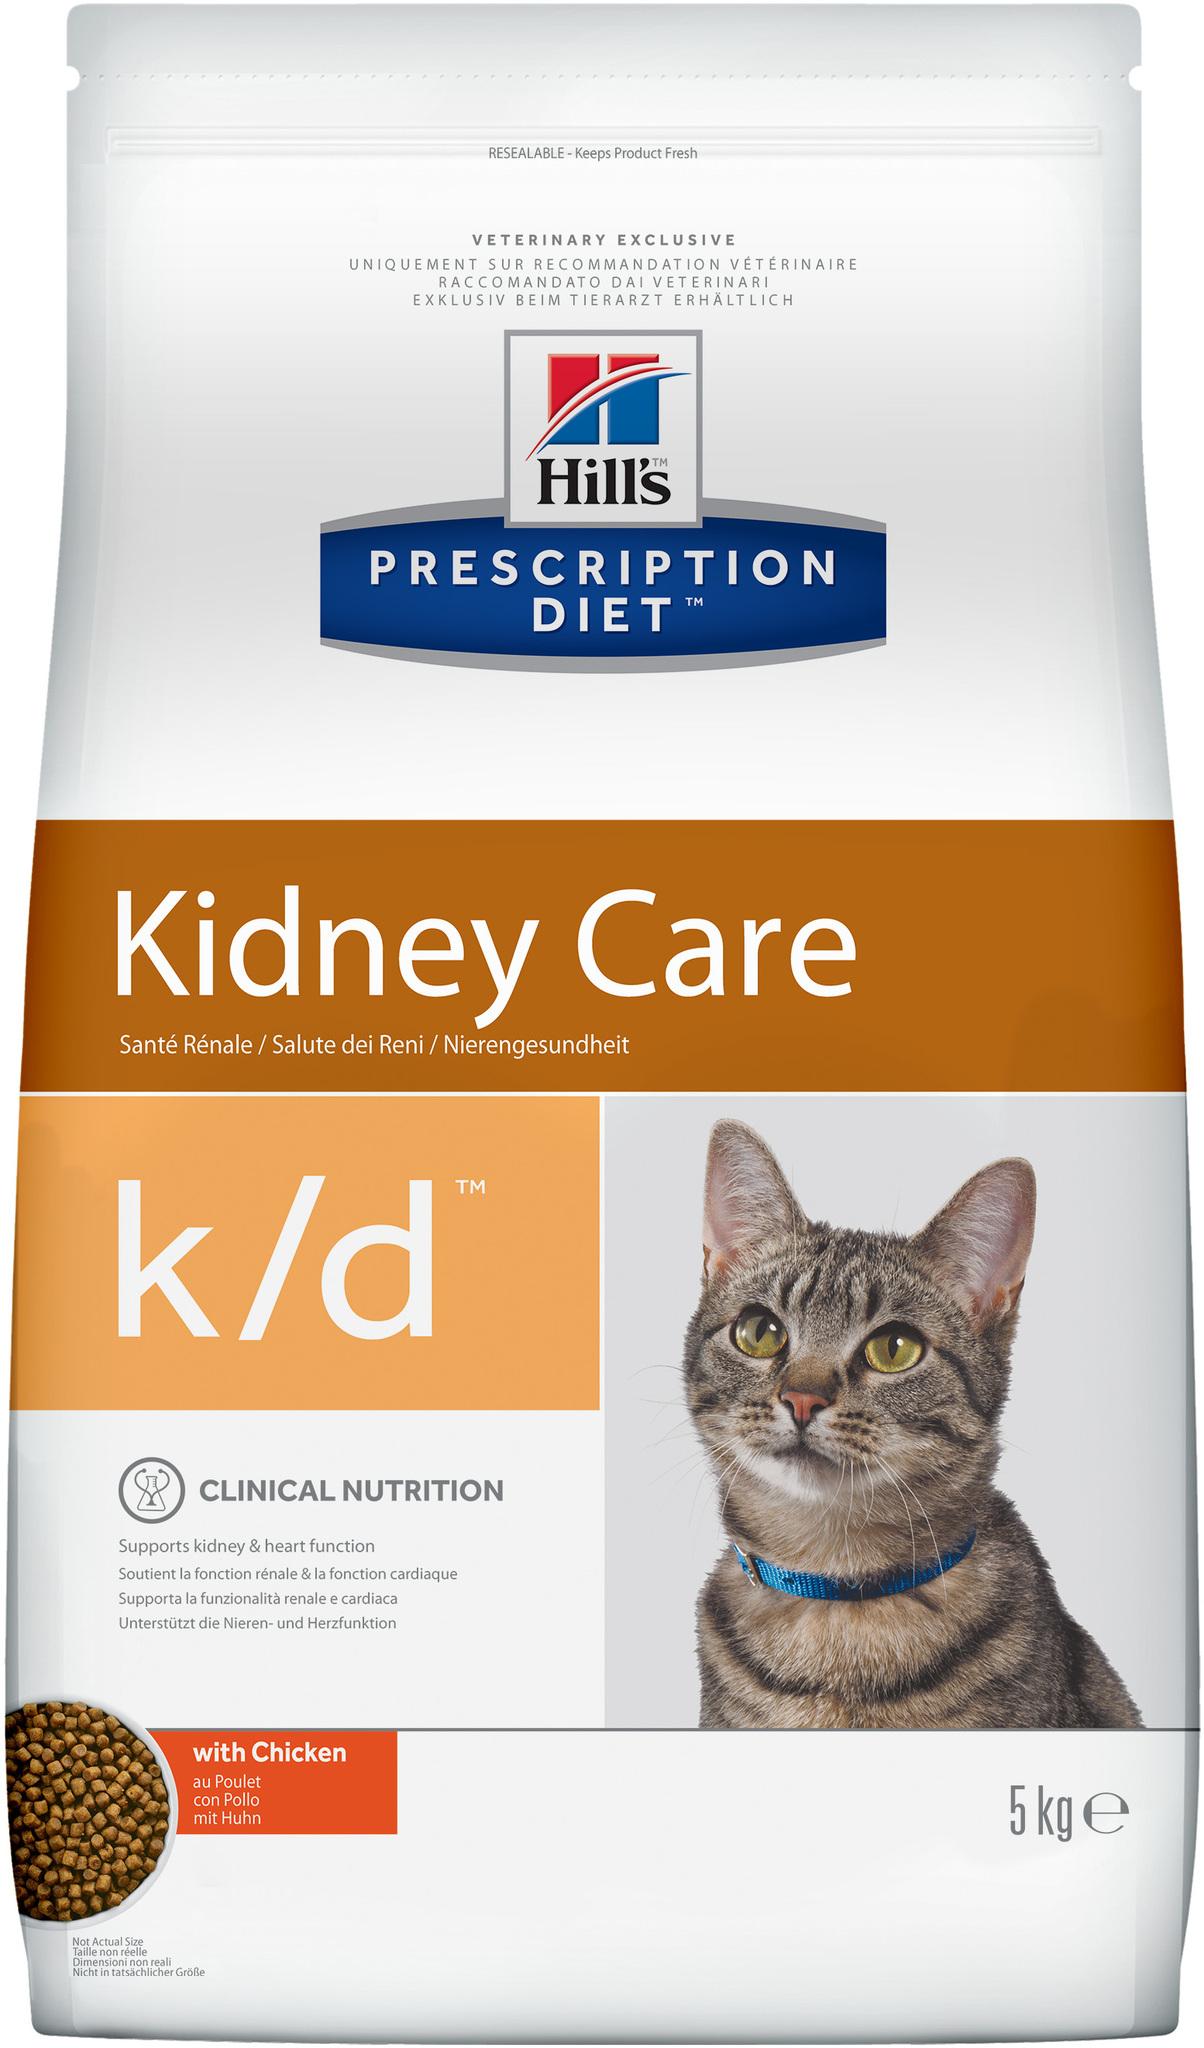 купить хиллс Hill's™ Prescription Diet™ Feline k/d™ Kidney Care with Chicken сухой корм для взрослых кошек, диетический рацион при заболеваниях почек, МКБ (оксалаты, ураты)  5 кг